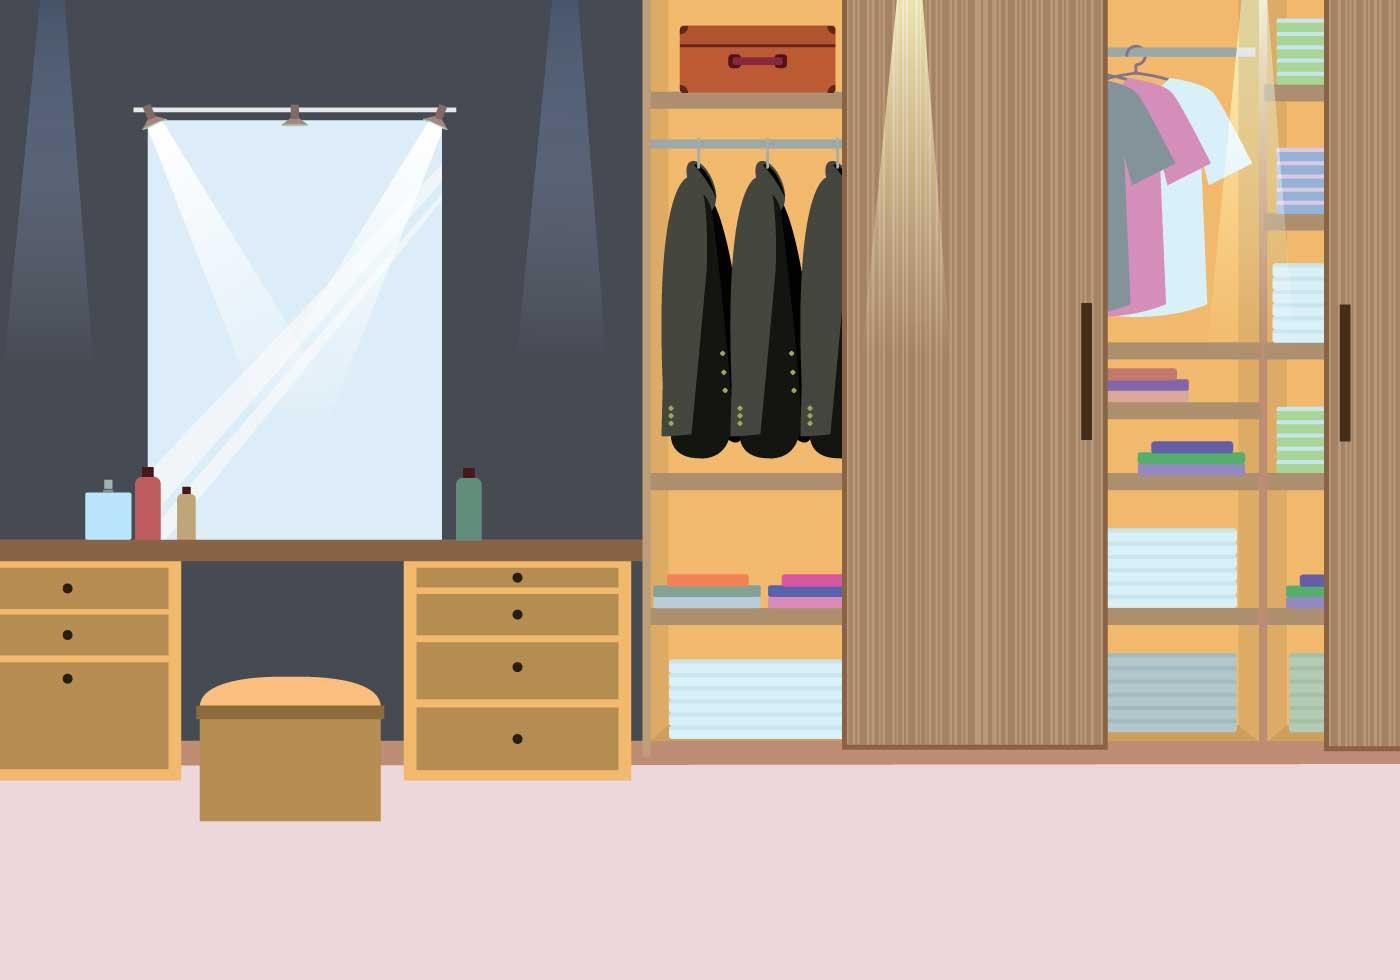 Wood Cabinet Dressing Room Illustration Download Free